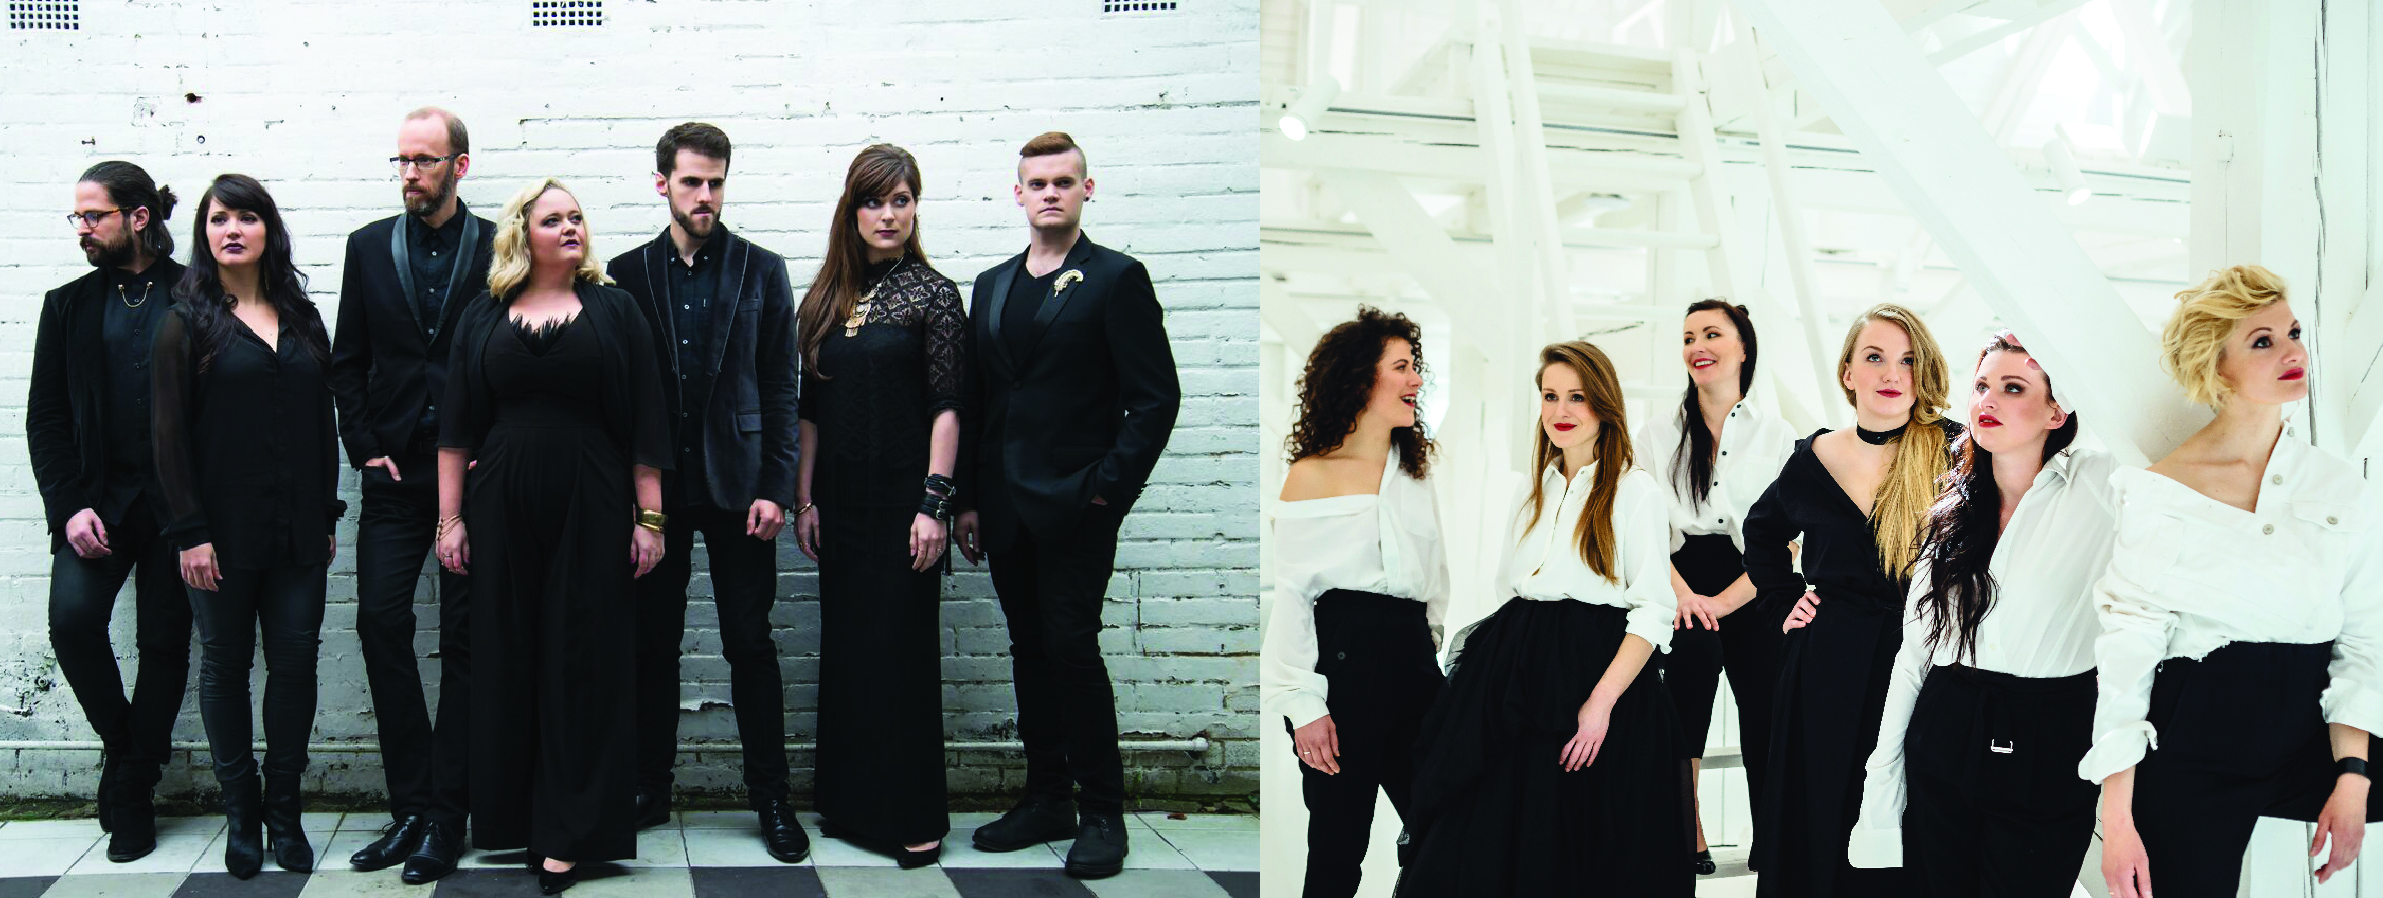 Swingle Latvians web cover-01-01-01.jpg